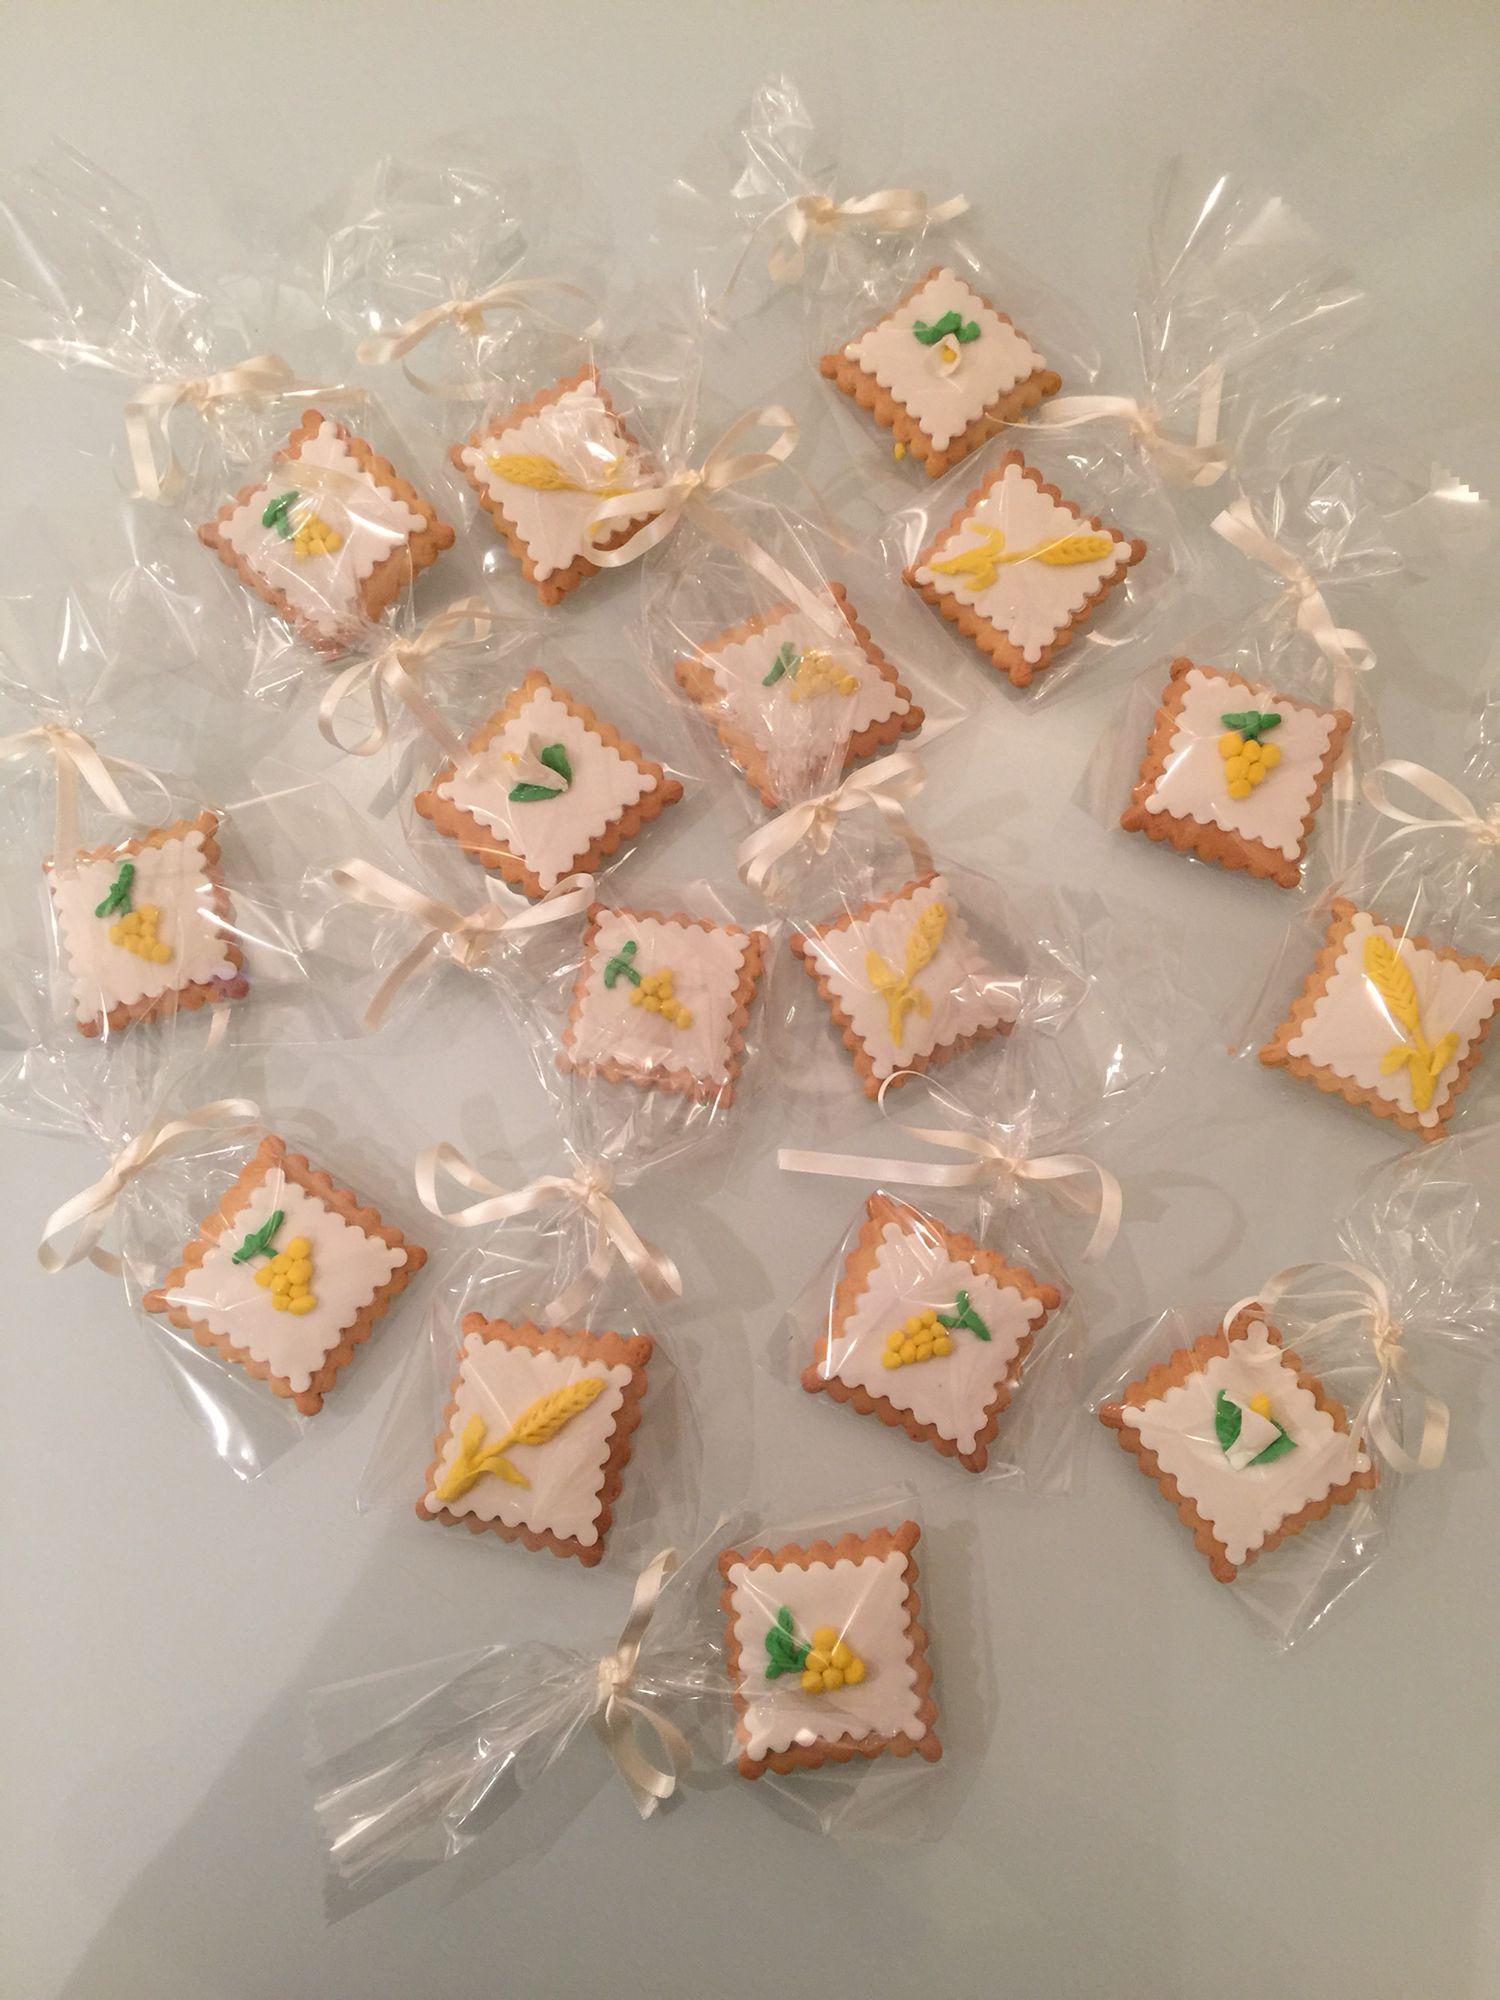 Segnaposto Natalizi Pasta Di Zucchero.Biscotti Segnaposto Per Prima Comunione Decorati Con Pasta Di